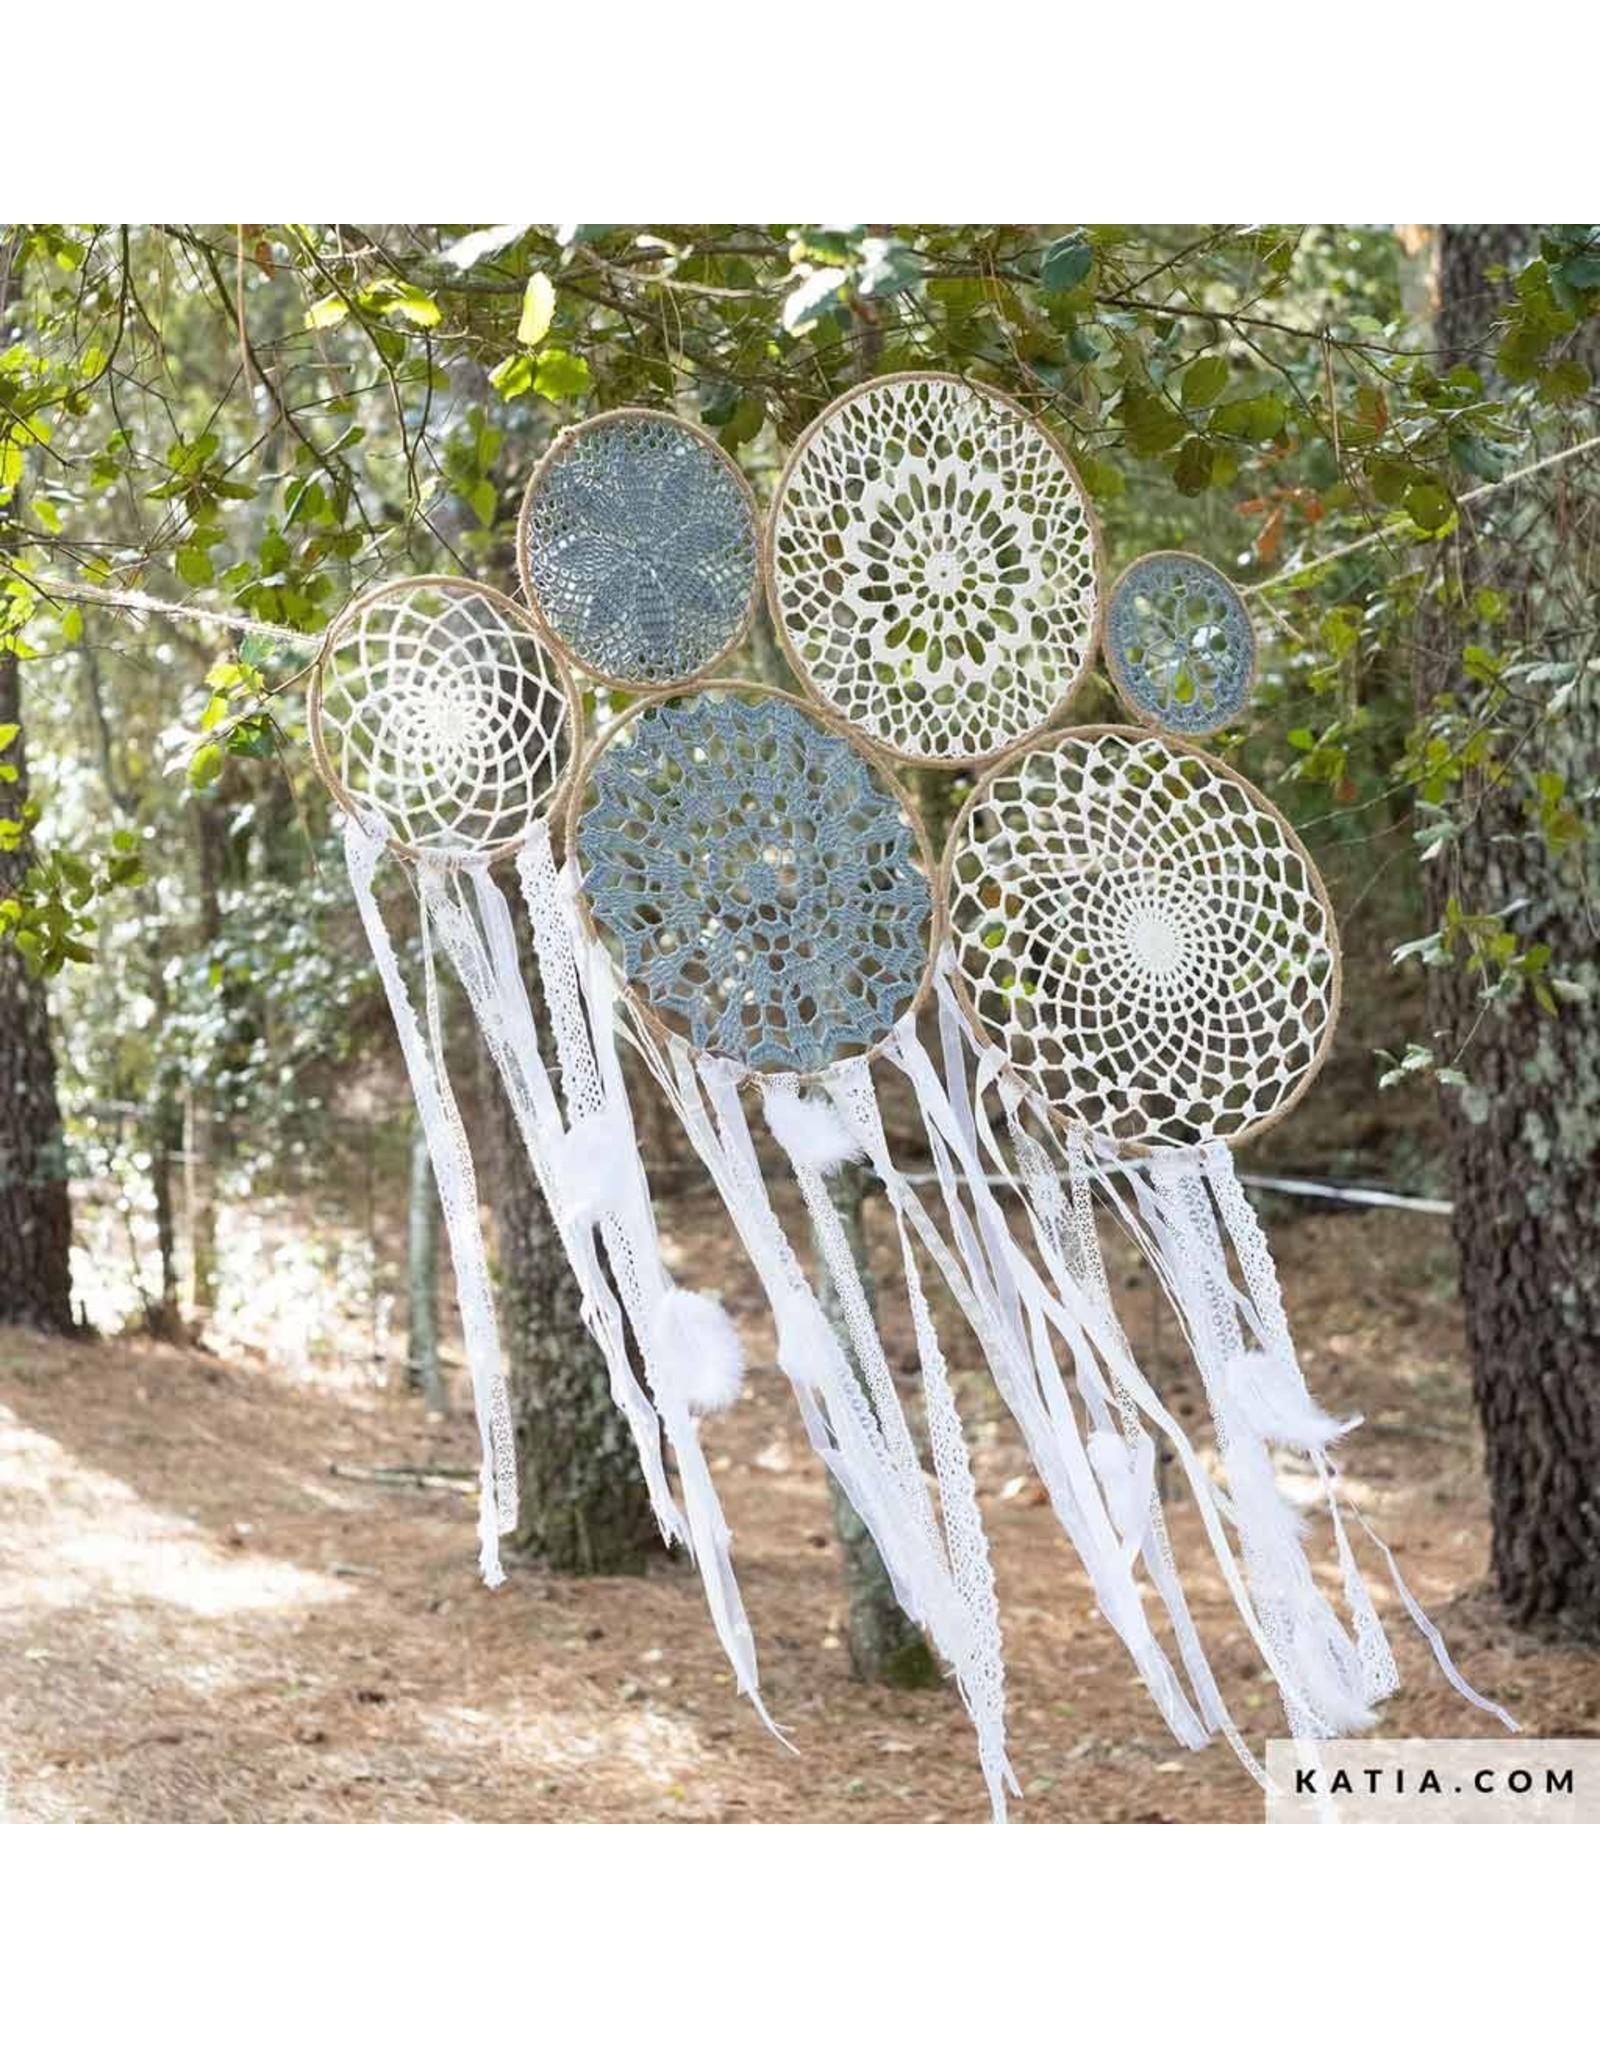 Katia Wol - fair cotton